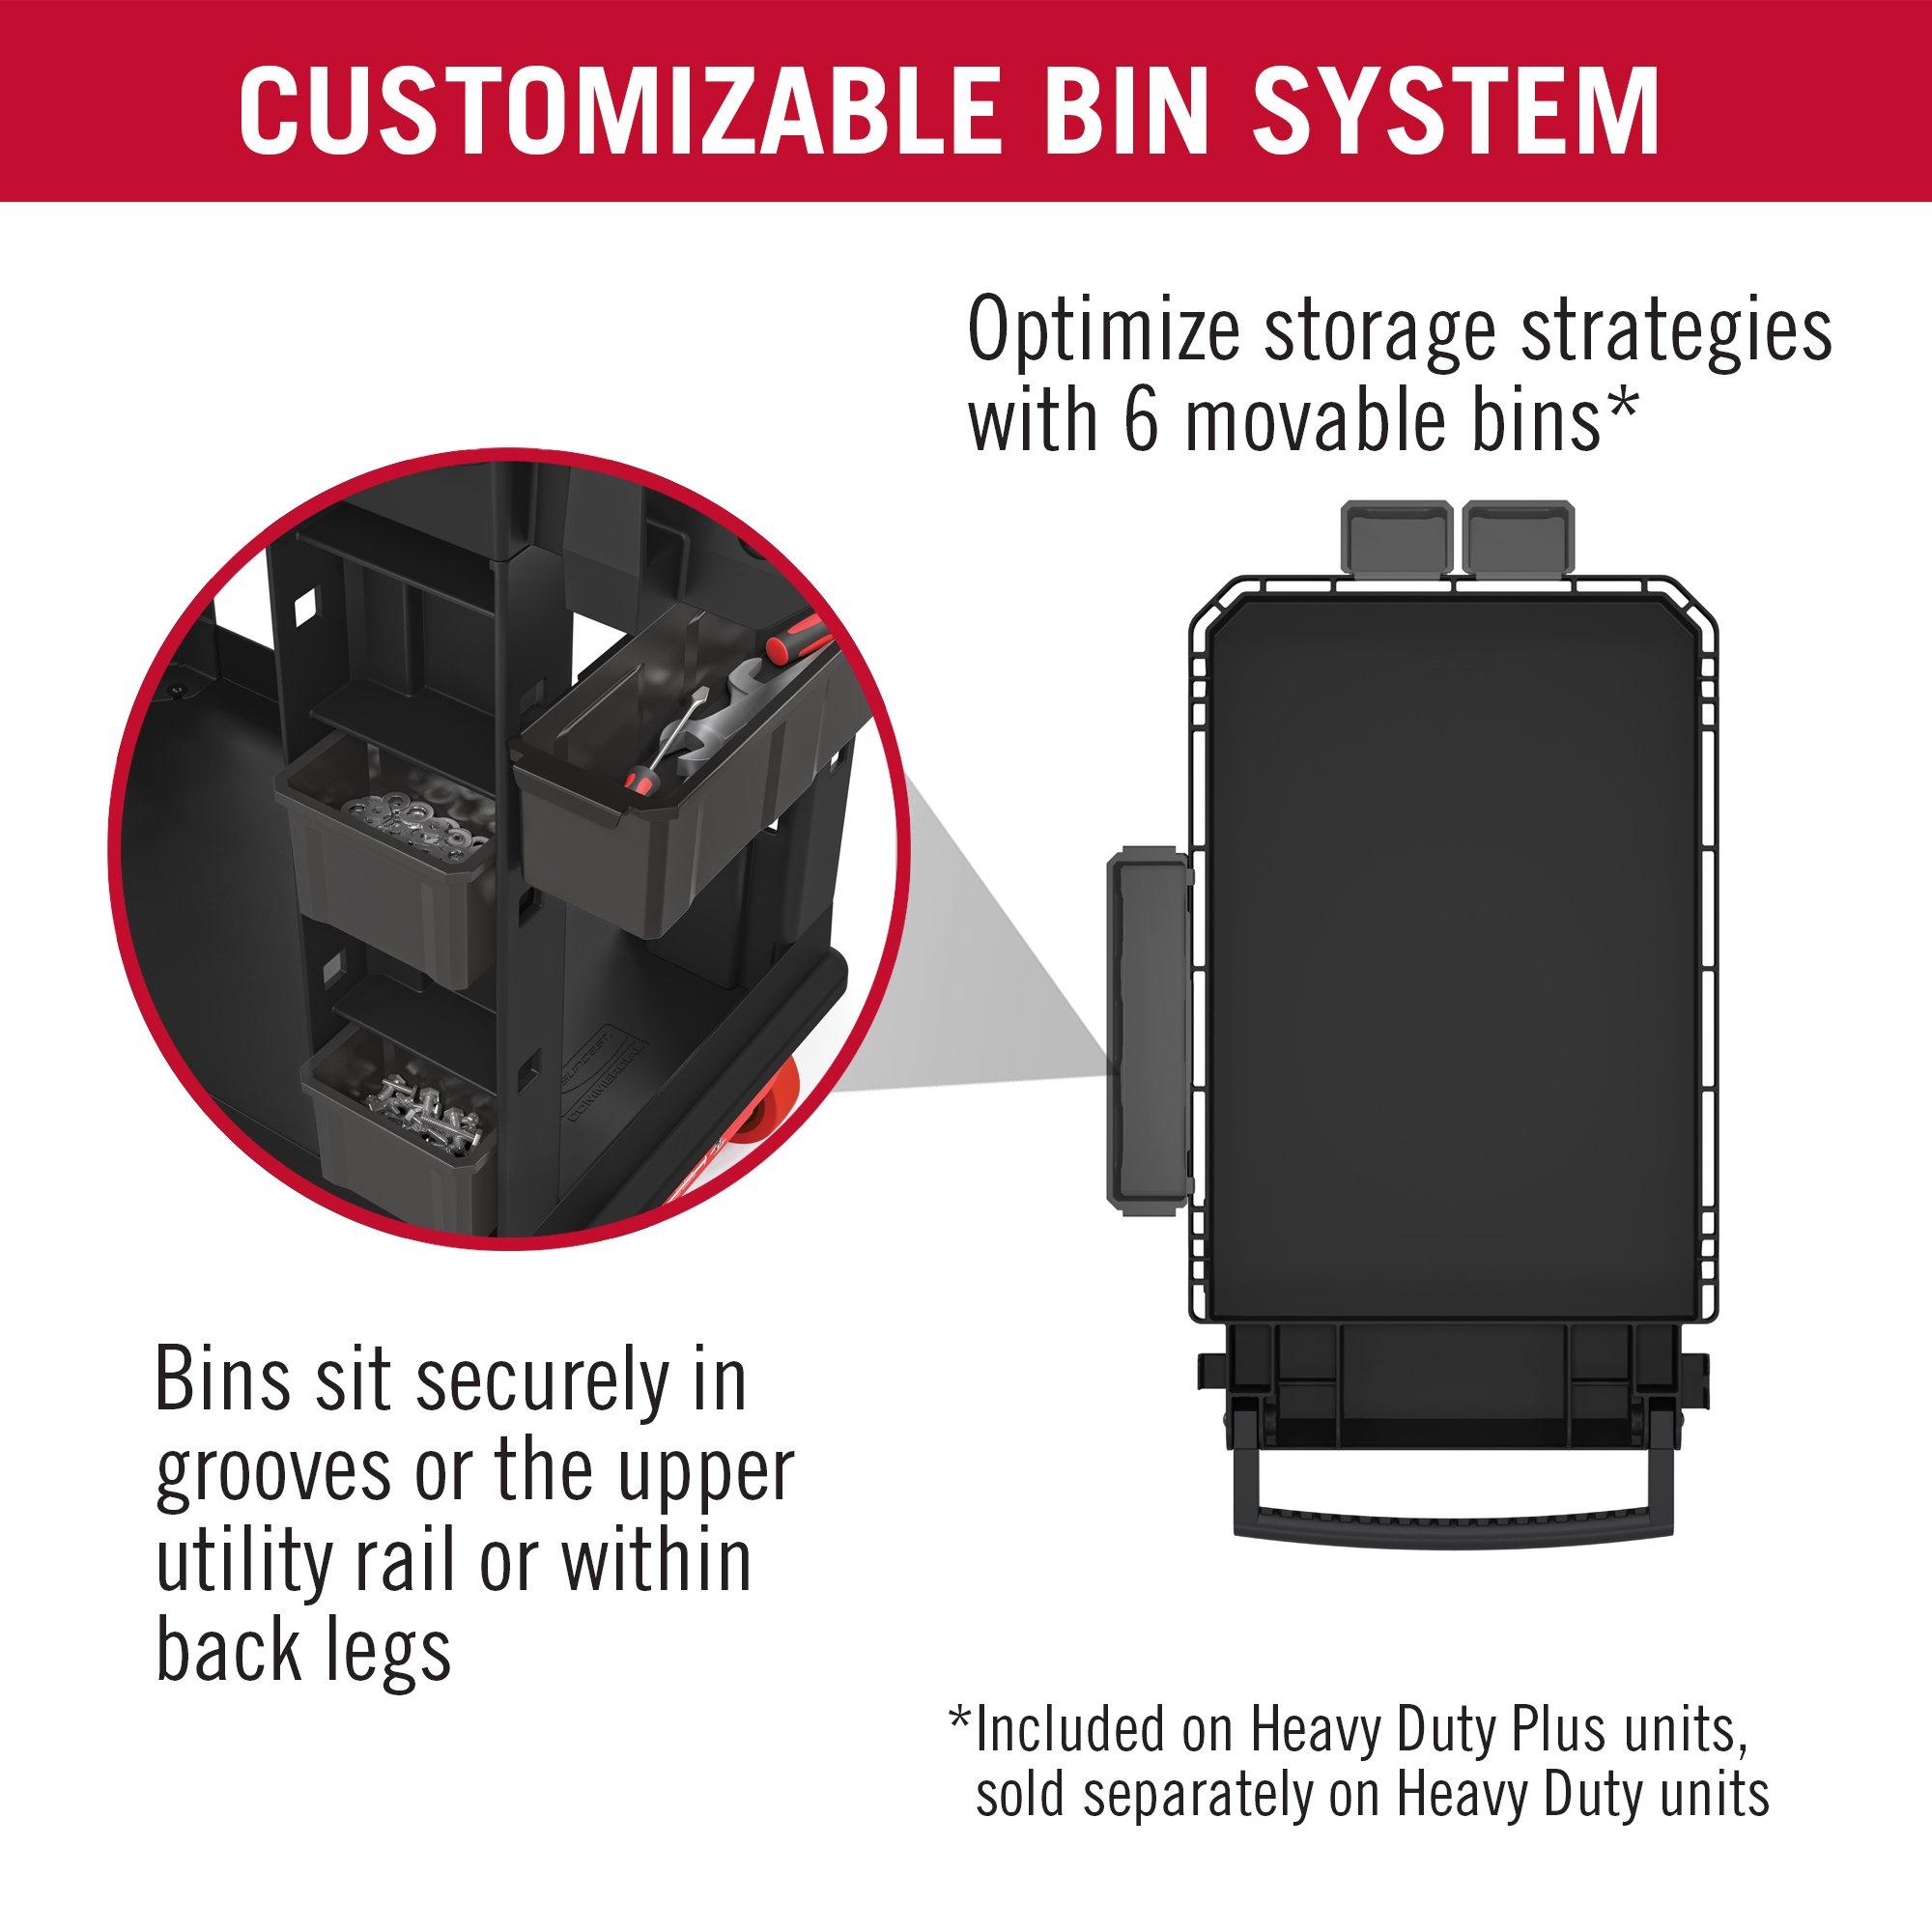 Suncast Commercial PUCHD2645 Utility Cart, Heavy Duty Plus, 500 Pounds Load Capacity, Black by Suncast Commercial (Image #3)